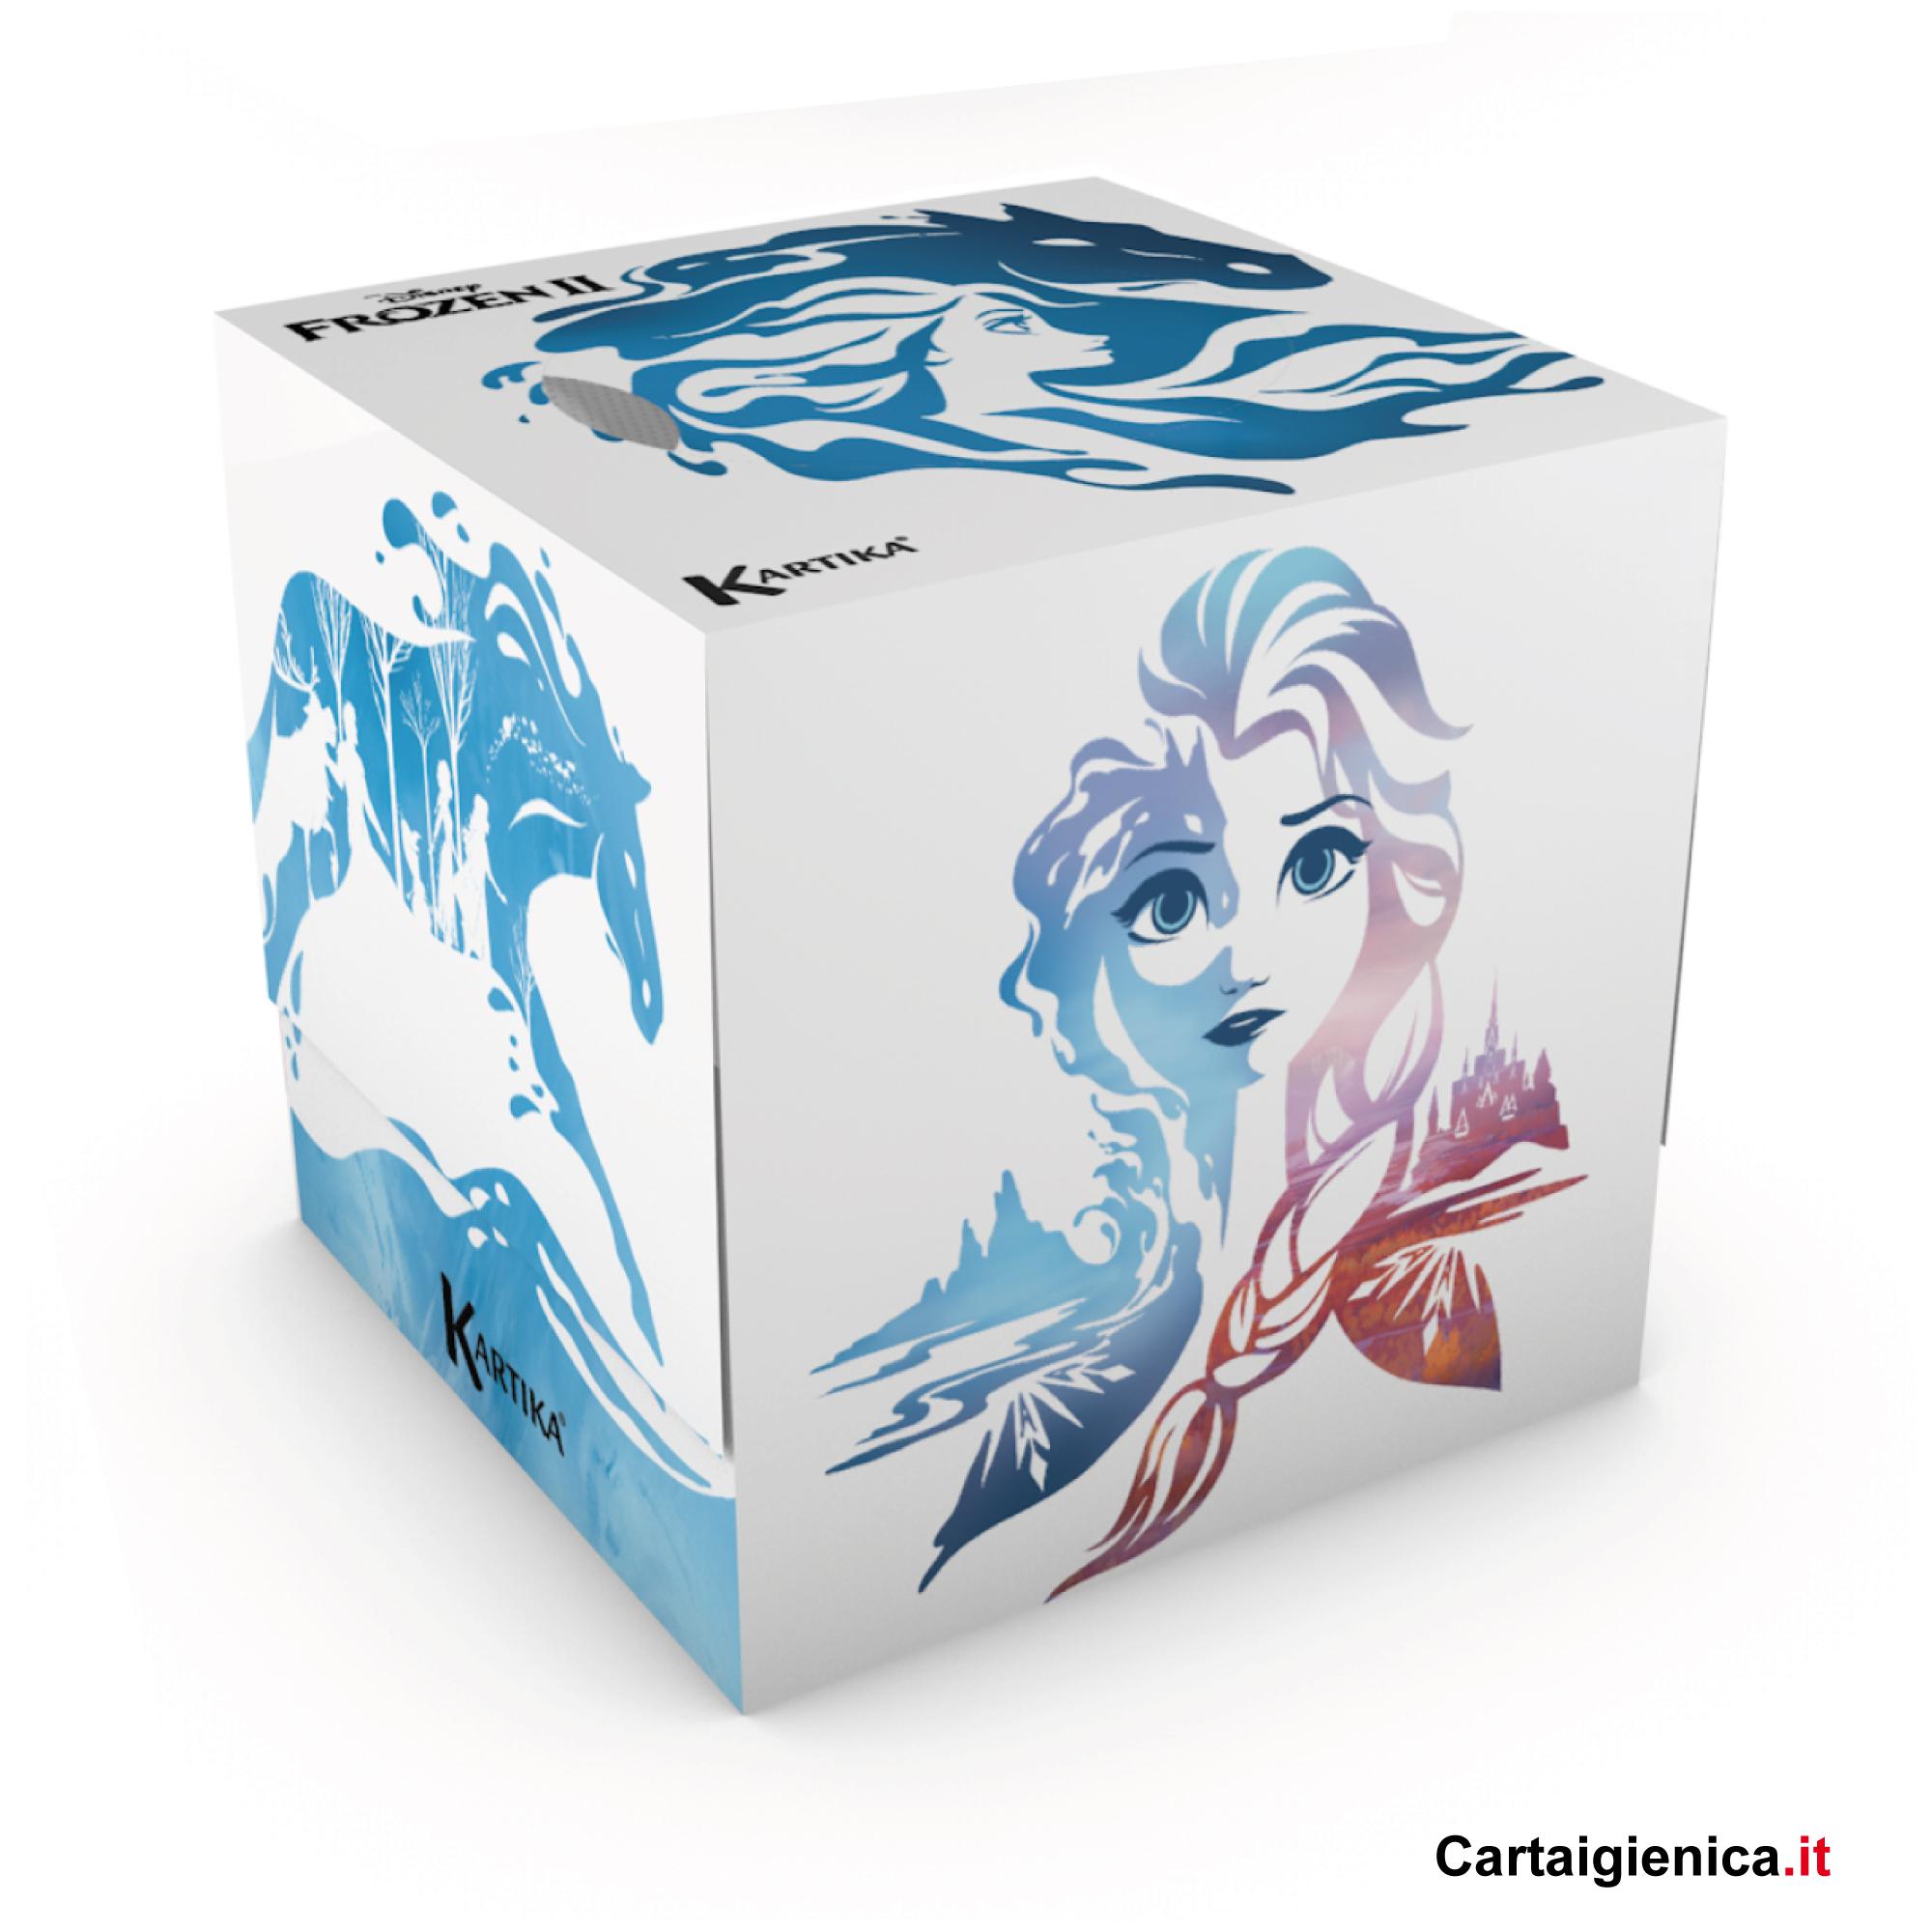 kartika veline frozen box cubo fazzoletti per bambini colori regalo